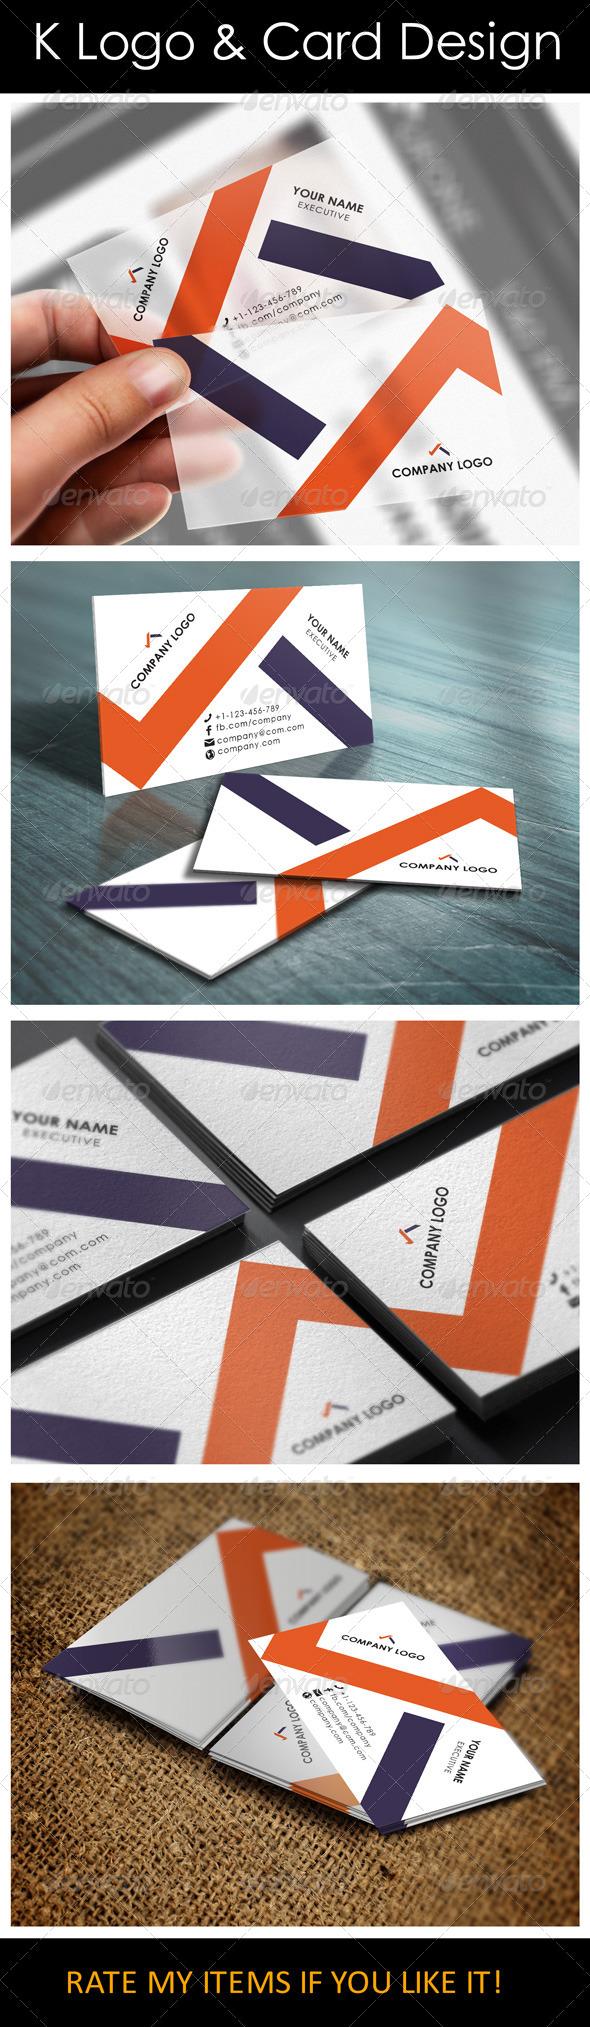 GraphicRiver K Logo & Card Design 5792879